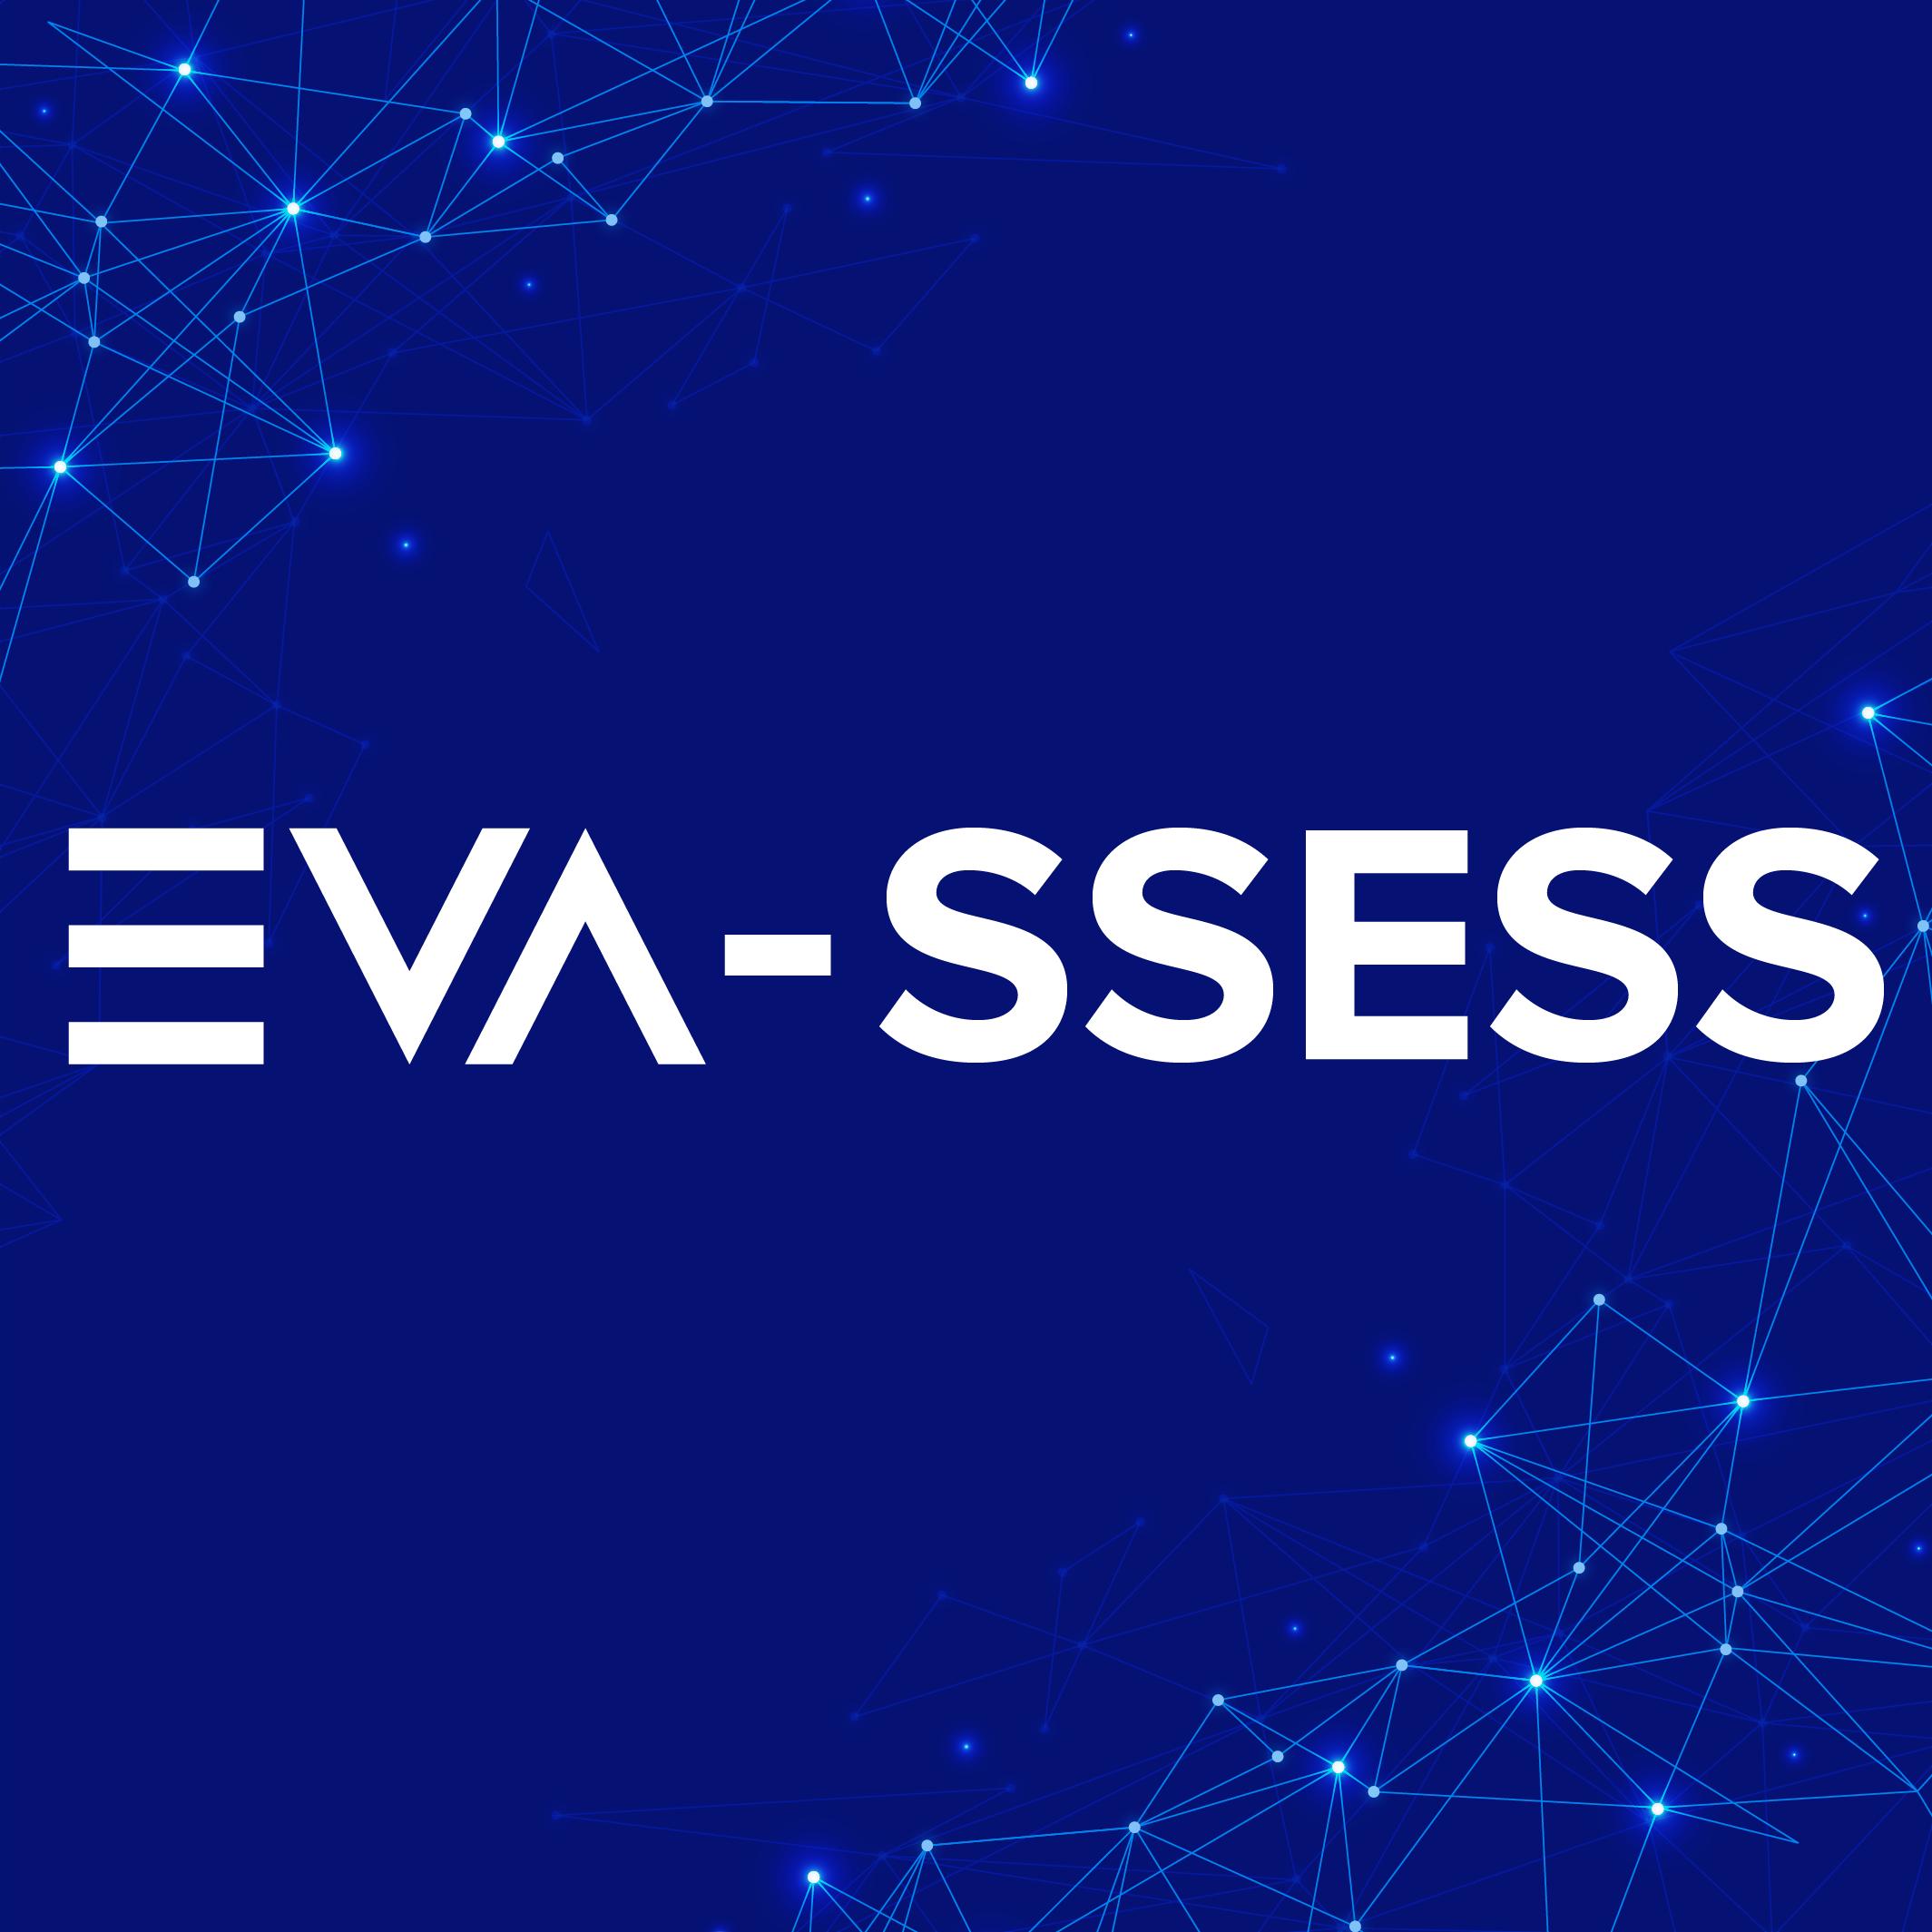 EVA-SSESS